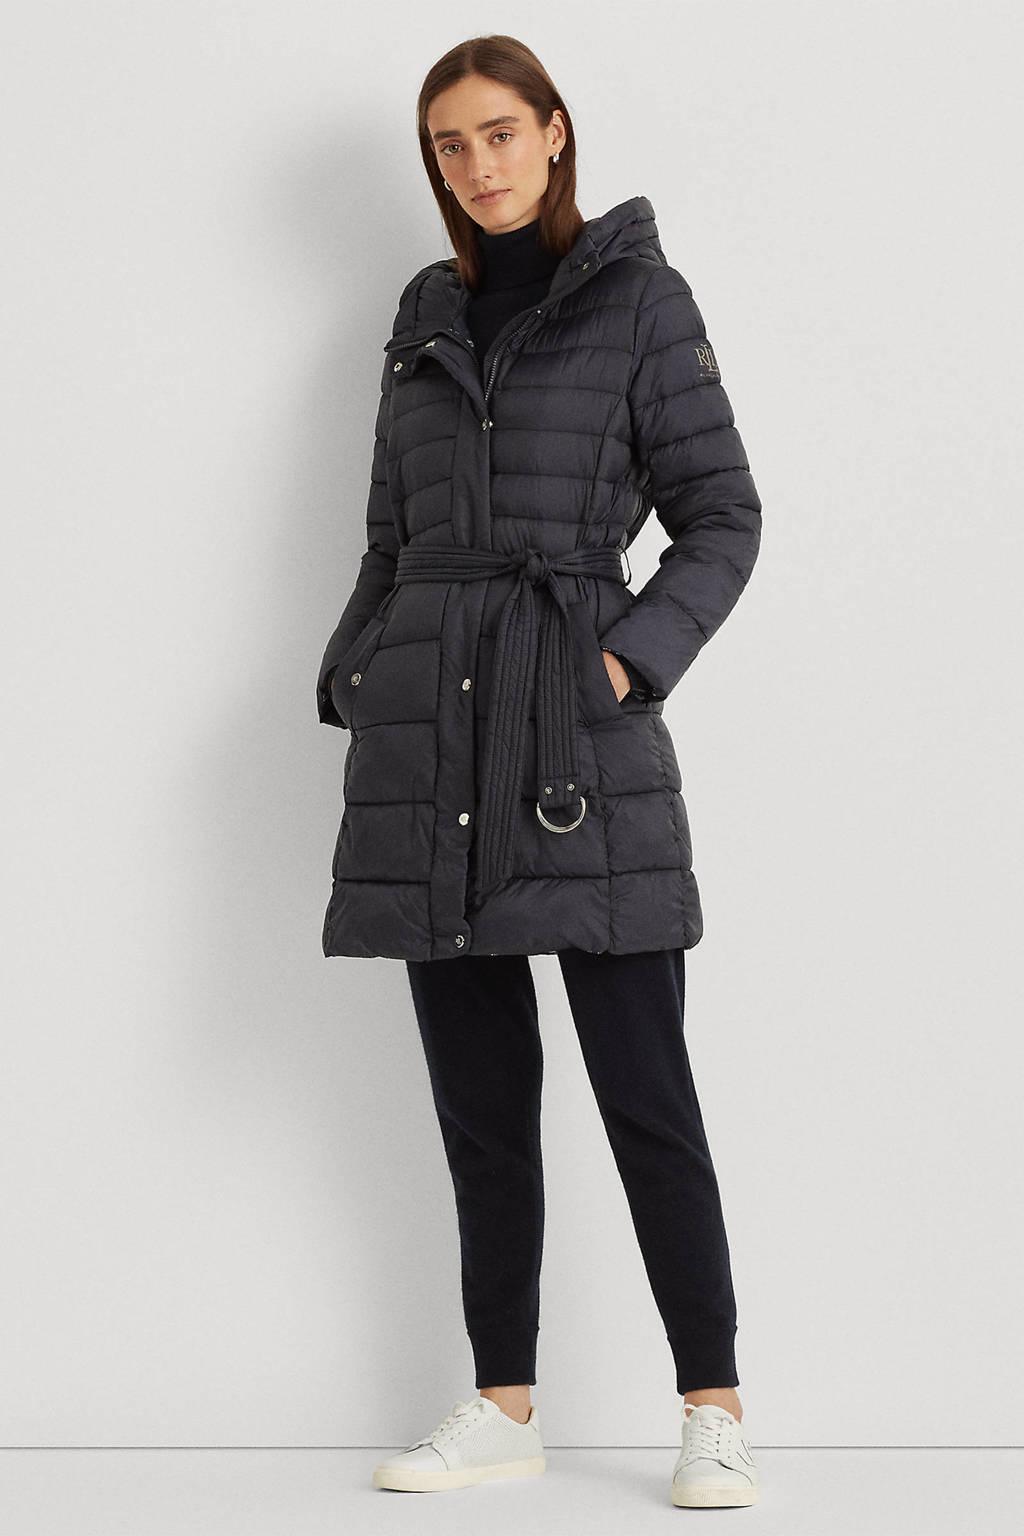 POLO Ralph Lauren gewatteerde jas met ceintuur donkerblauw, Donkerblauw